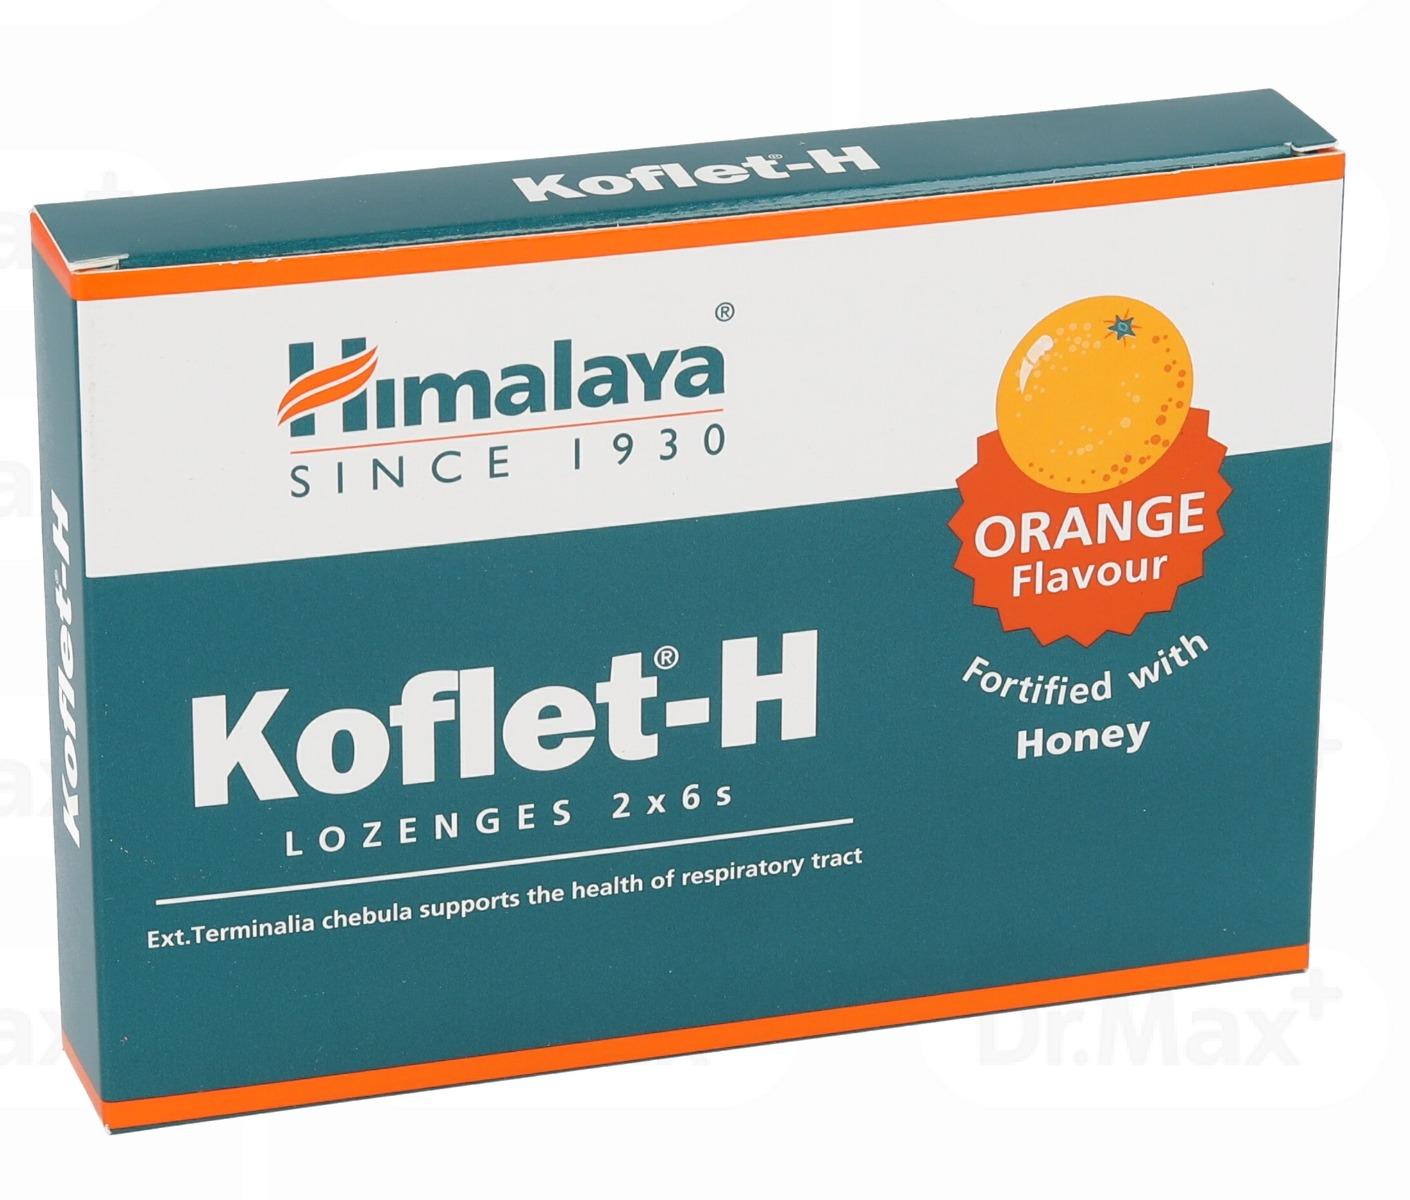 Koflet-H cu aroma de portocale, 12 pastile, Himalaya imagine produs 2021